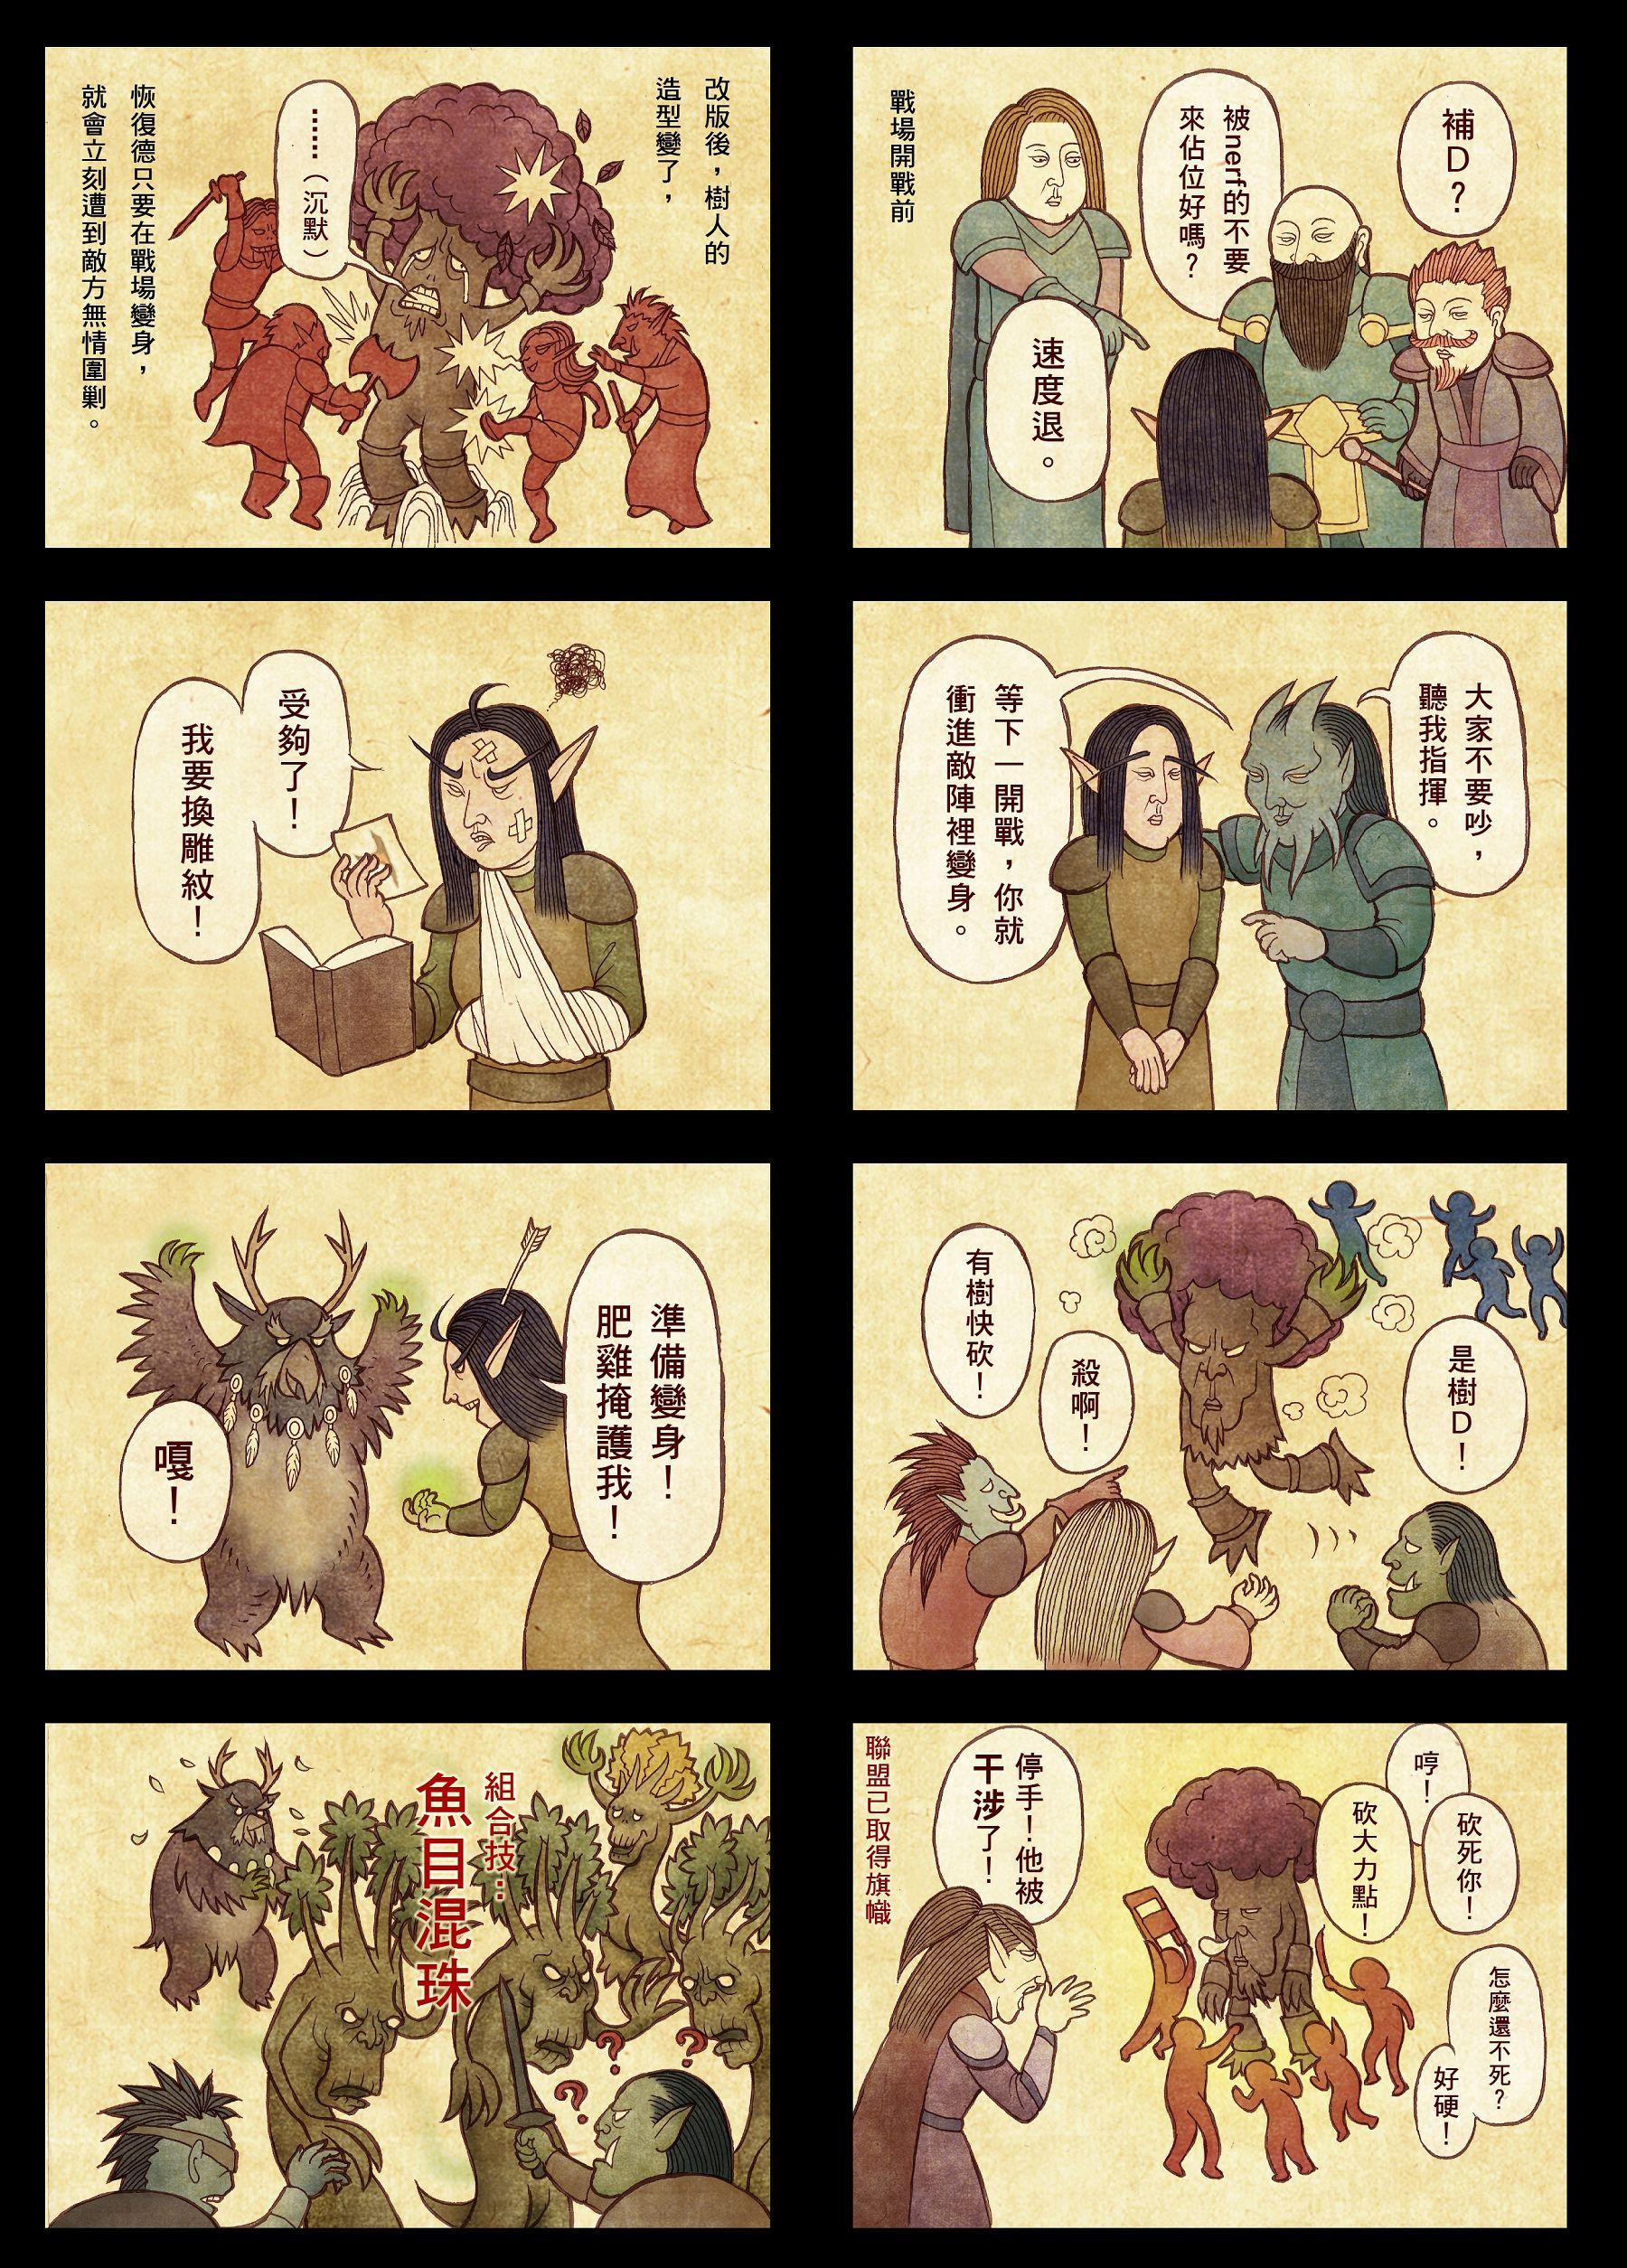 【魔獸世界】【柘榴堂-魔獸人生】妖怪風柘榴繪魔獸NO.2